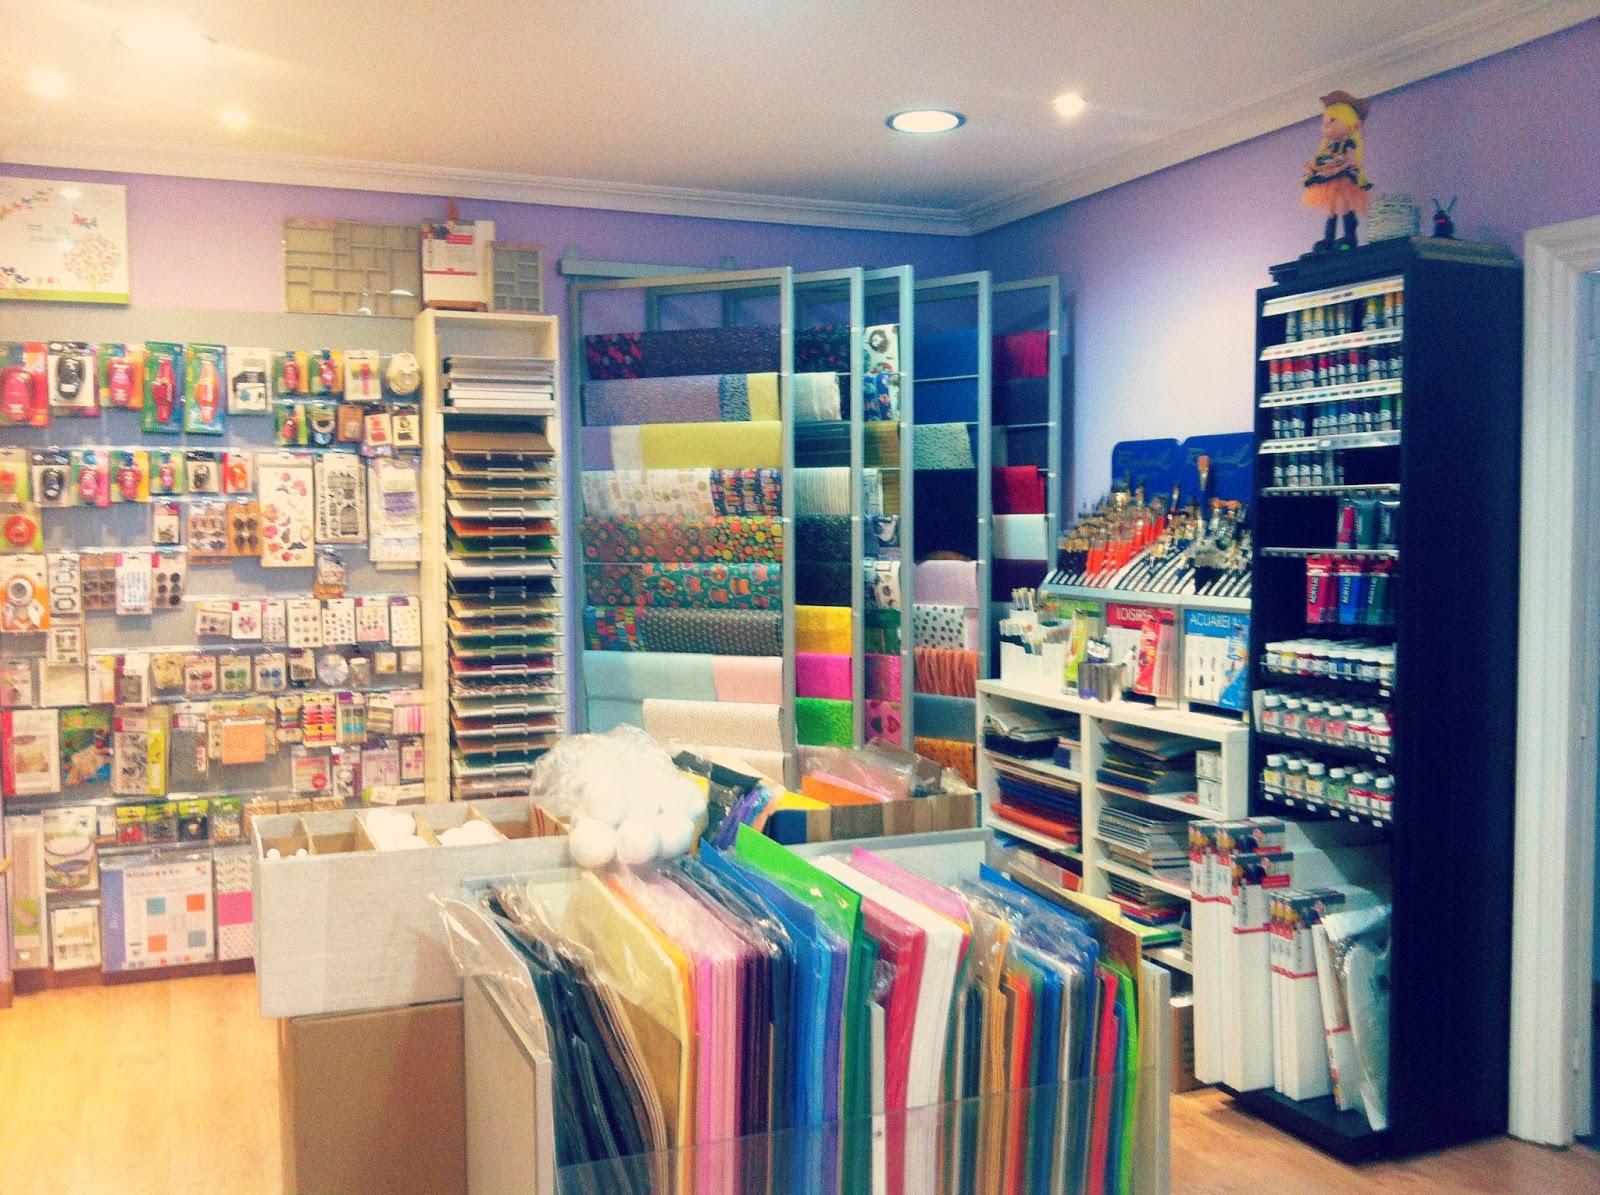 tienda de manualdiades eskuka_1